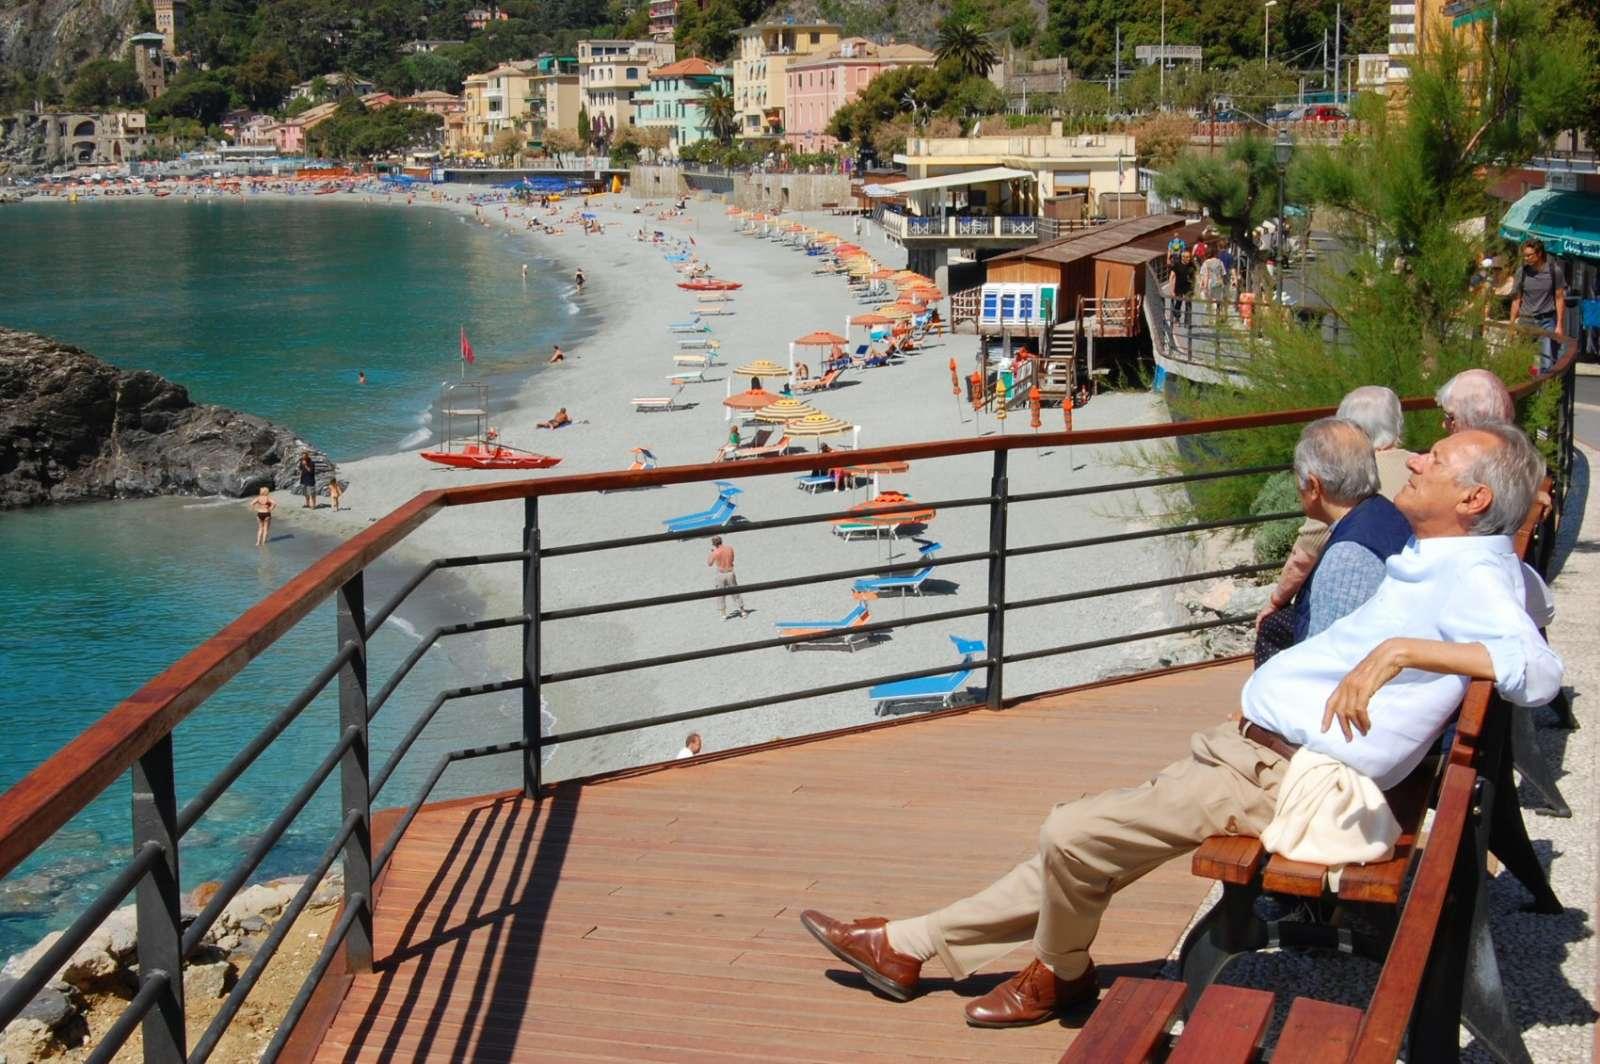 Längs med strandpromenaden finns det fina möjligheter att njuta en solrik stund